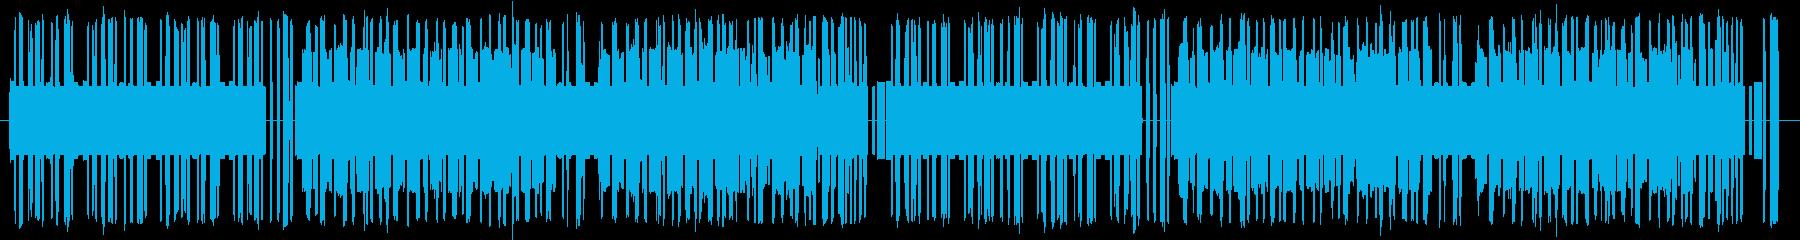 8bit風ユーロビートBGMの再生済みの波形